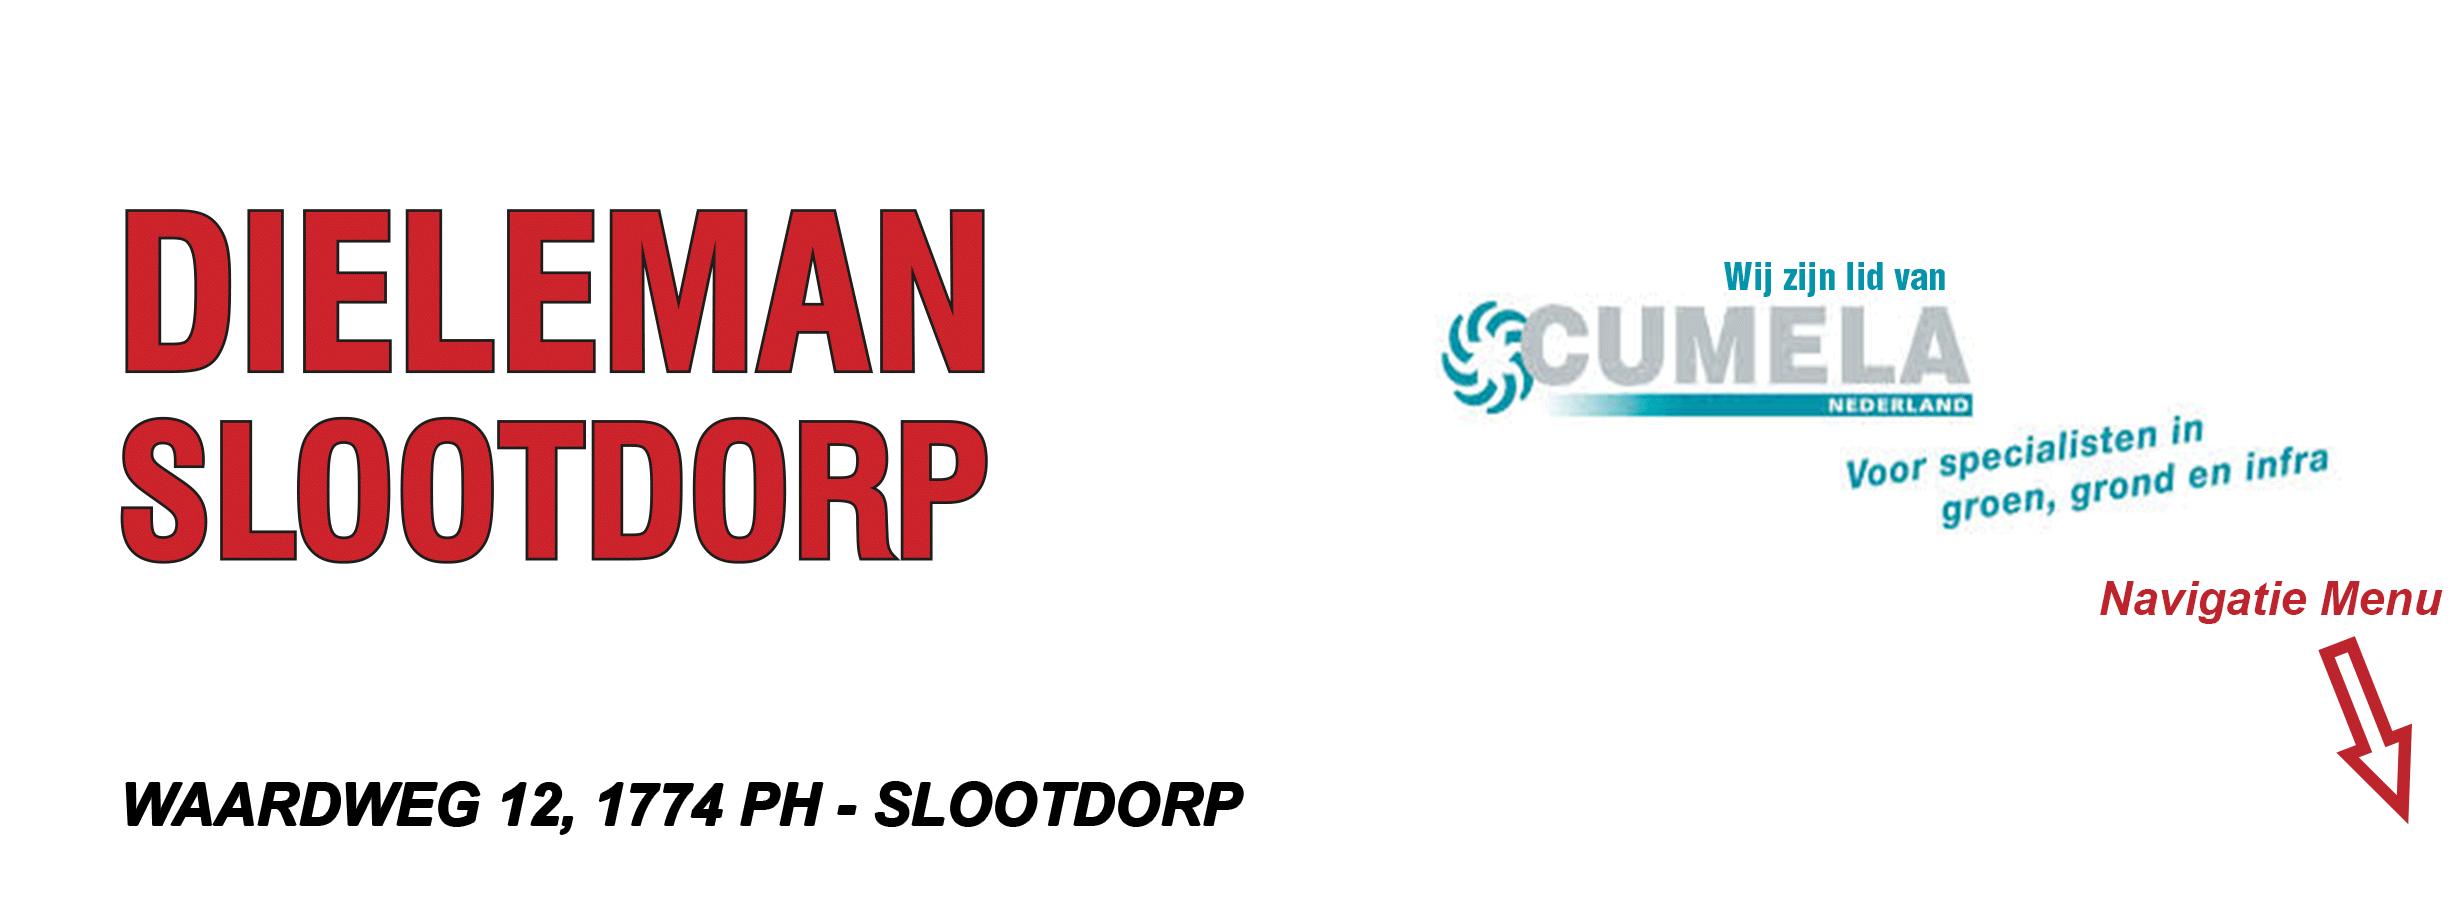 Dieleman Slootdorp Logo